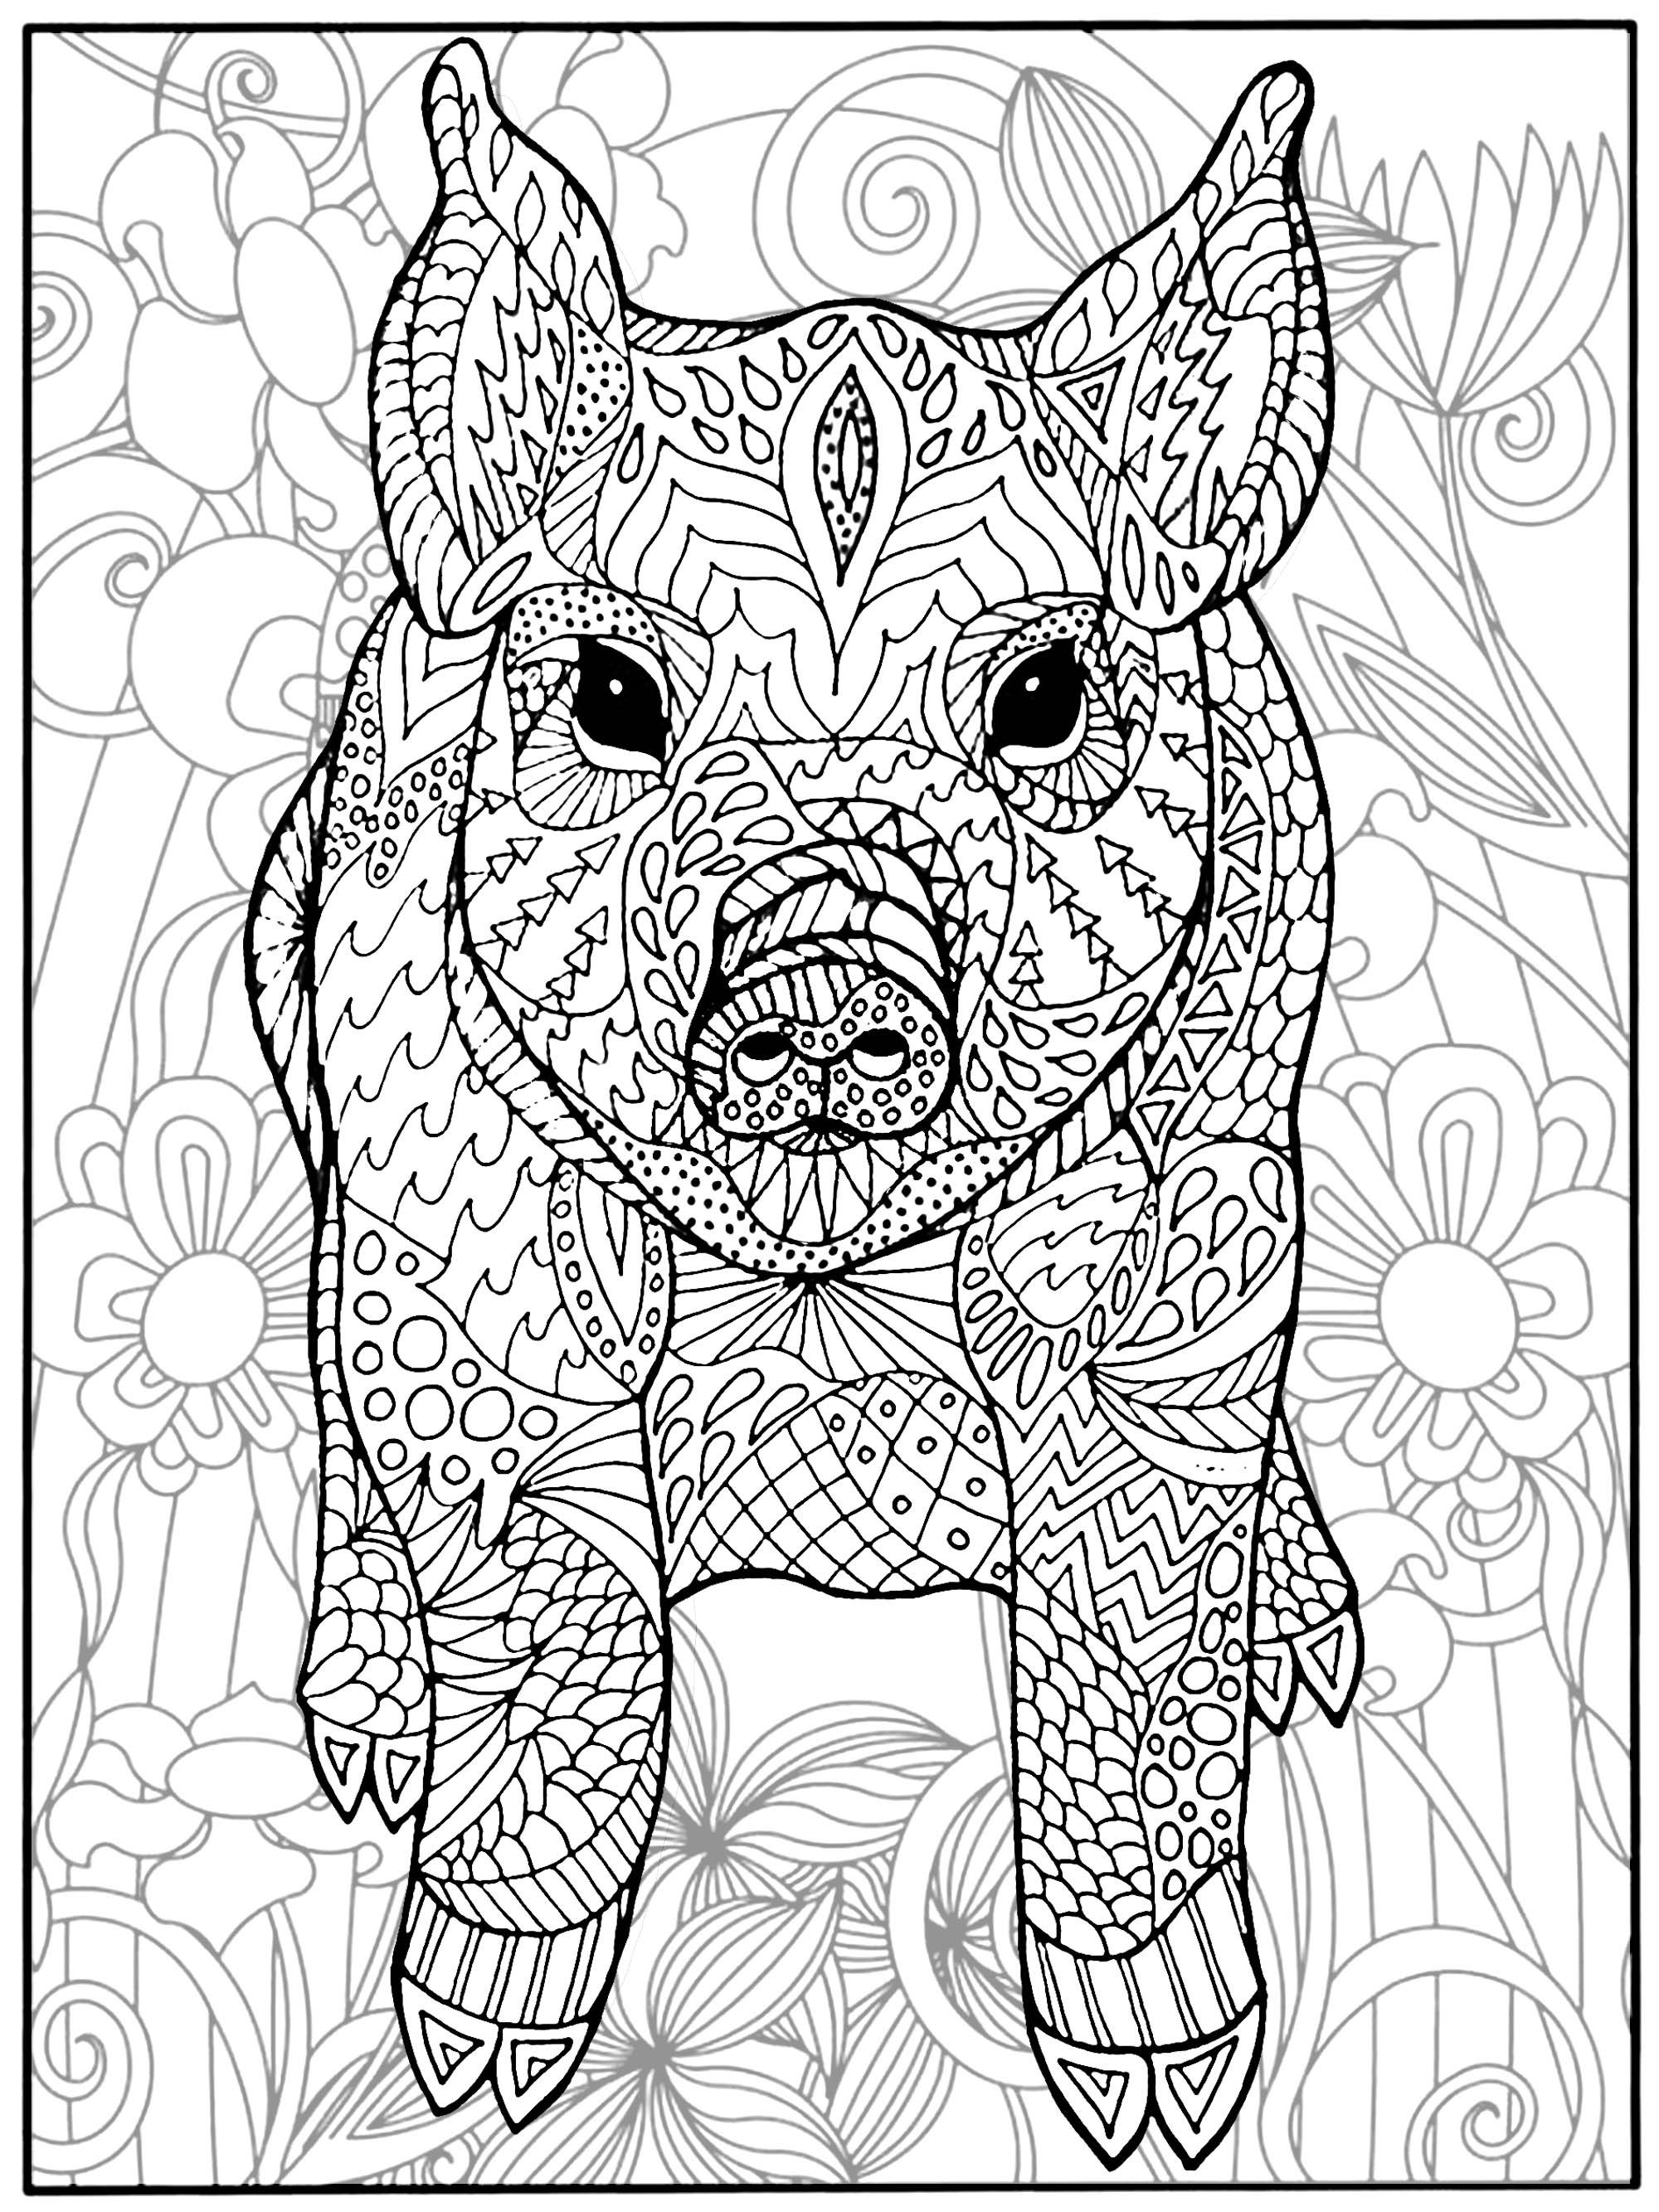 Cochon et fleurs cochons coloriages difficiles pour - Dessin a imprimer cochon ...